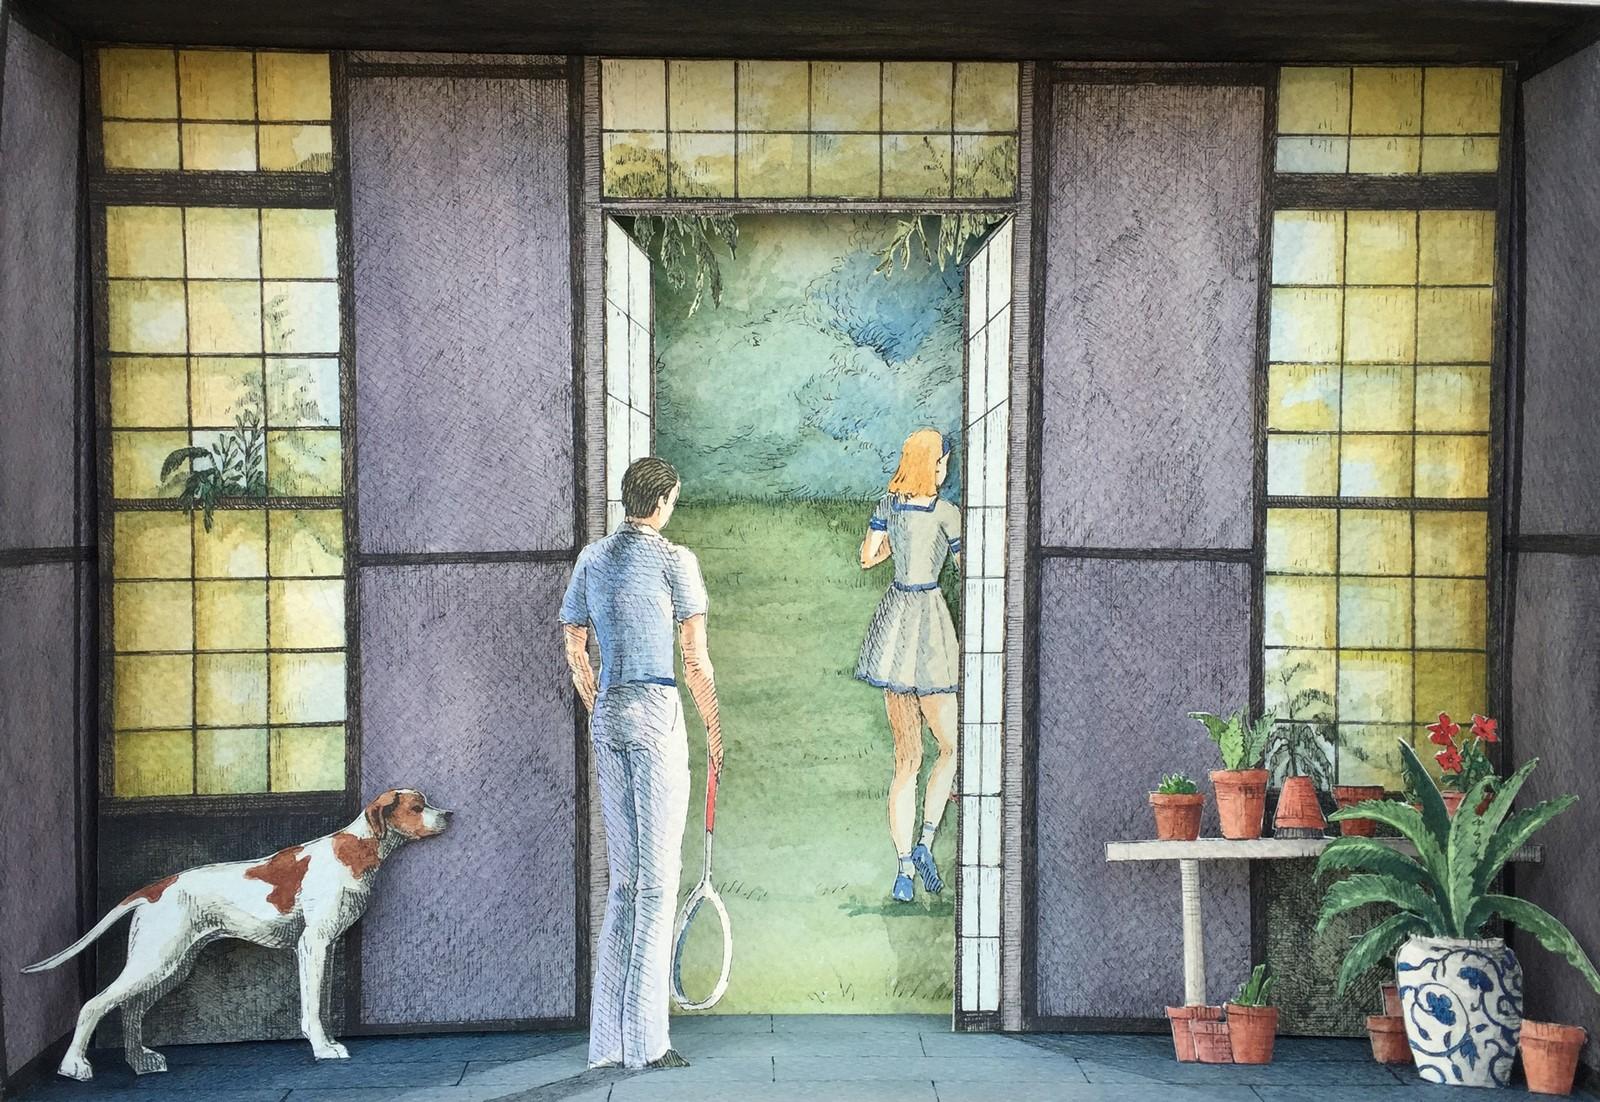 Monolocale 56, (Il giardino dei Finzi Contini), 2016, china e acquerelli su carta, cm. 21x30